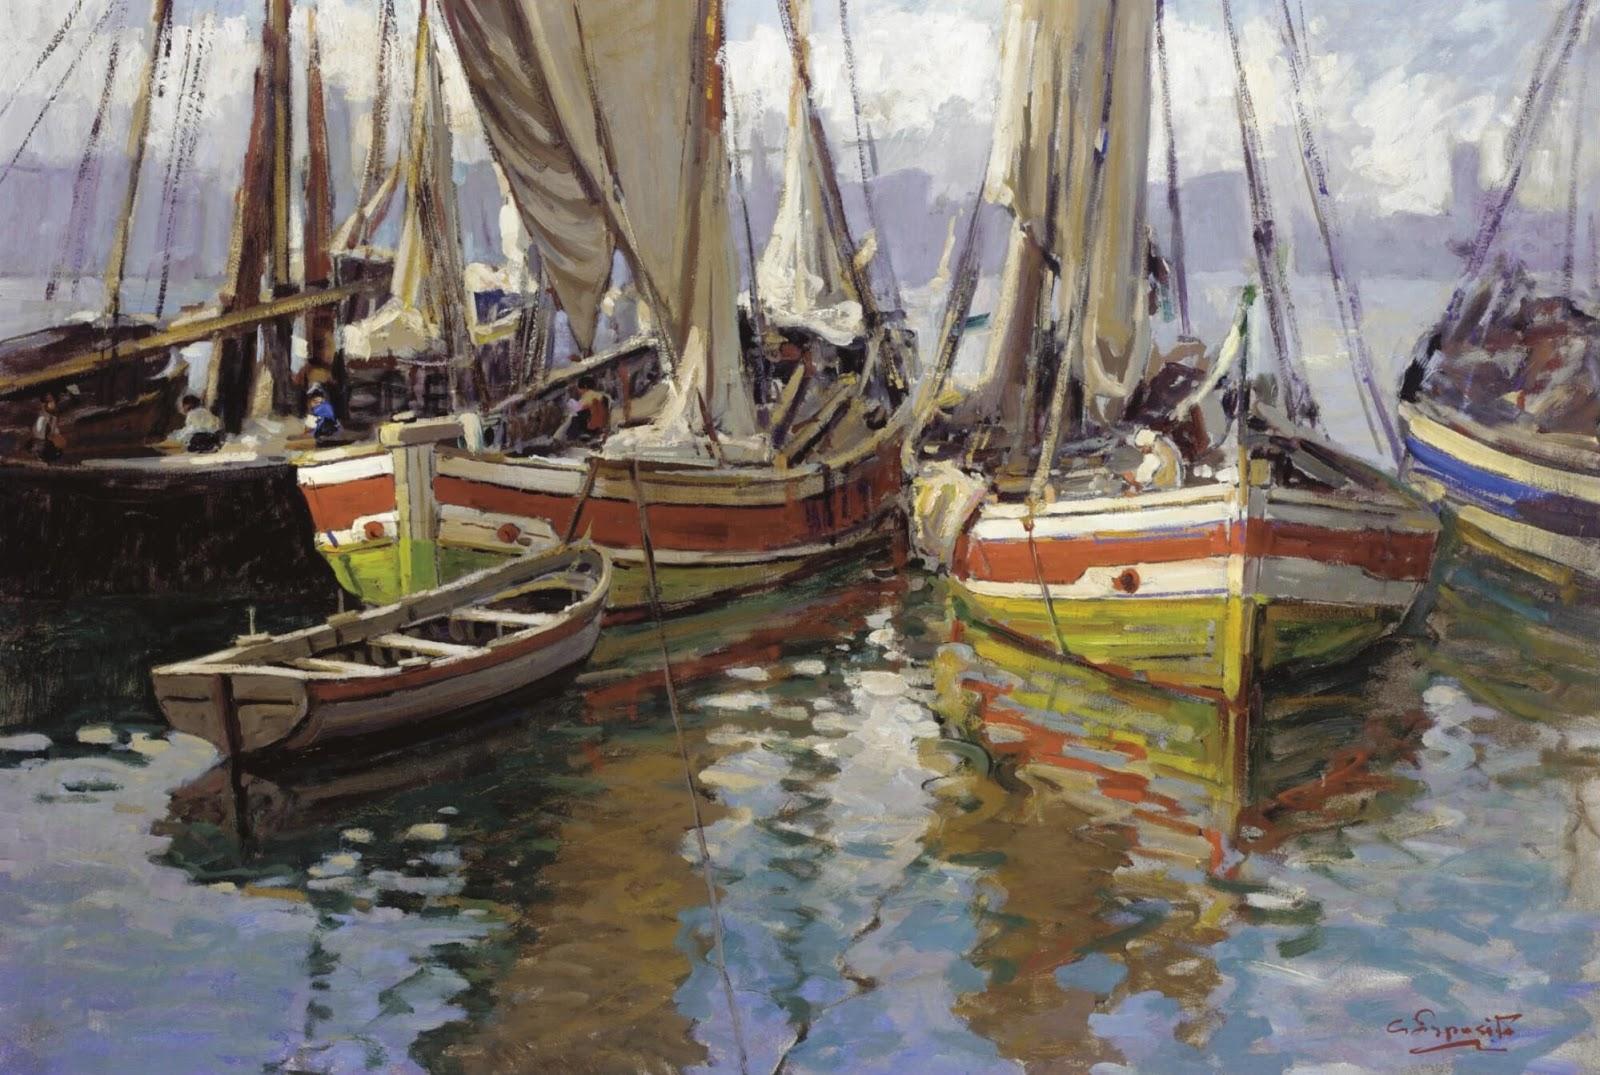 Gaetano Esposito Harbour scene